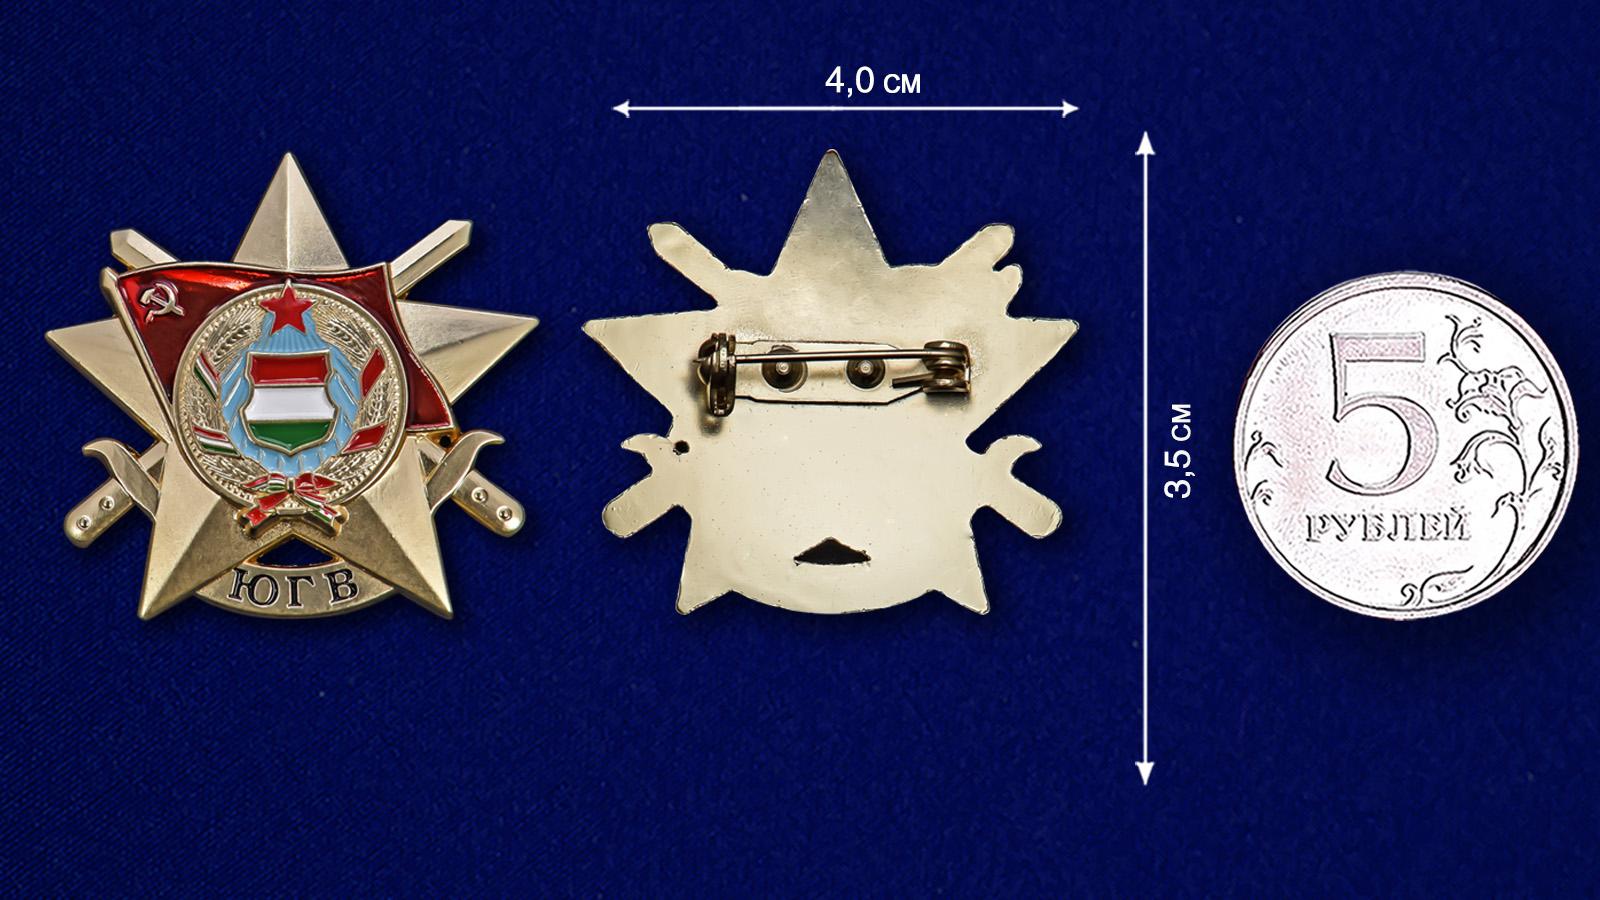 Латунная звезда ЮГВ (Венгрия) - аверс и реверс